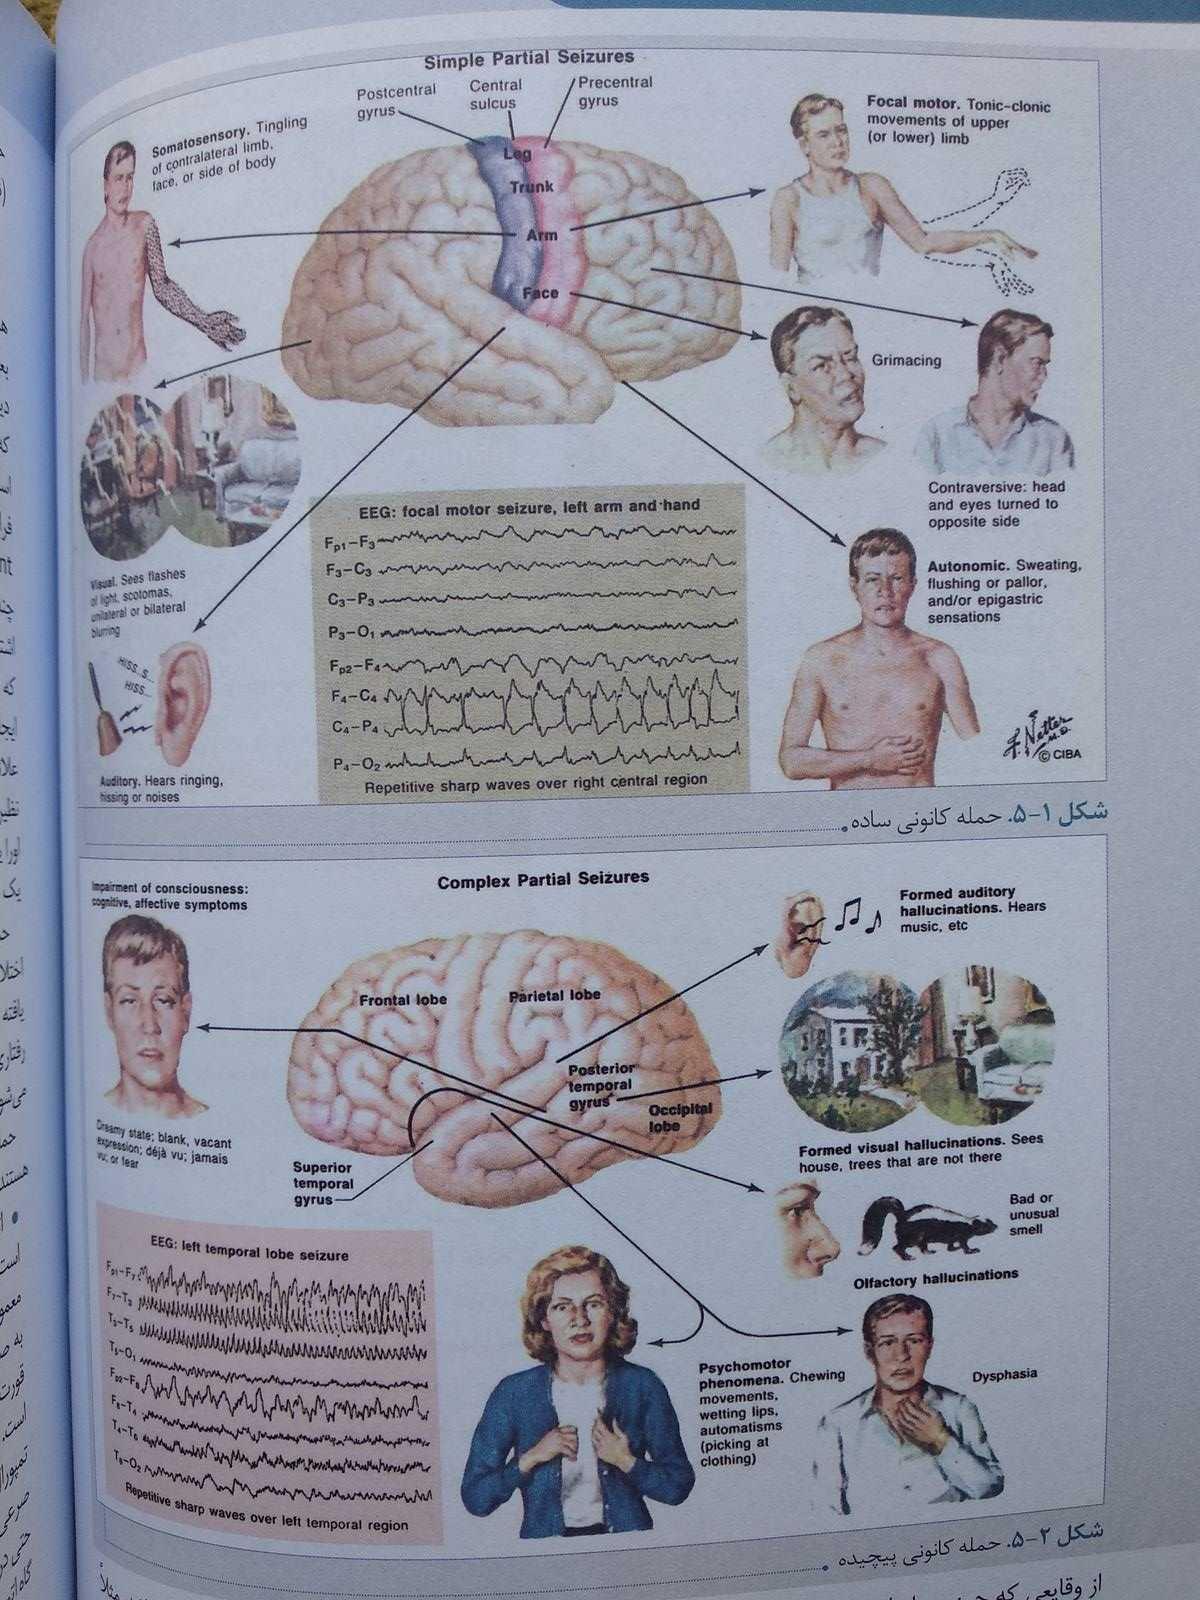 حمله کانونی ( درسنامه بیماری های مغز و اعصاب